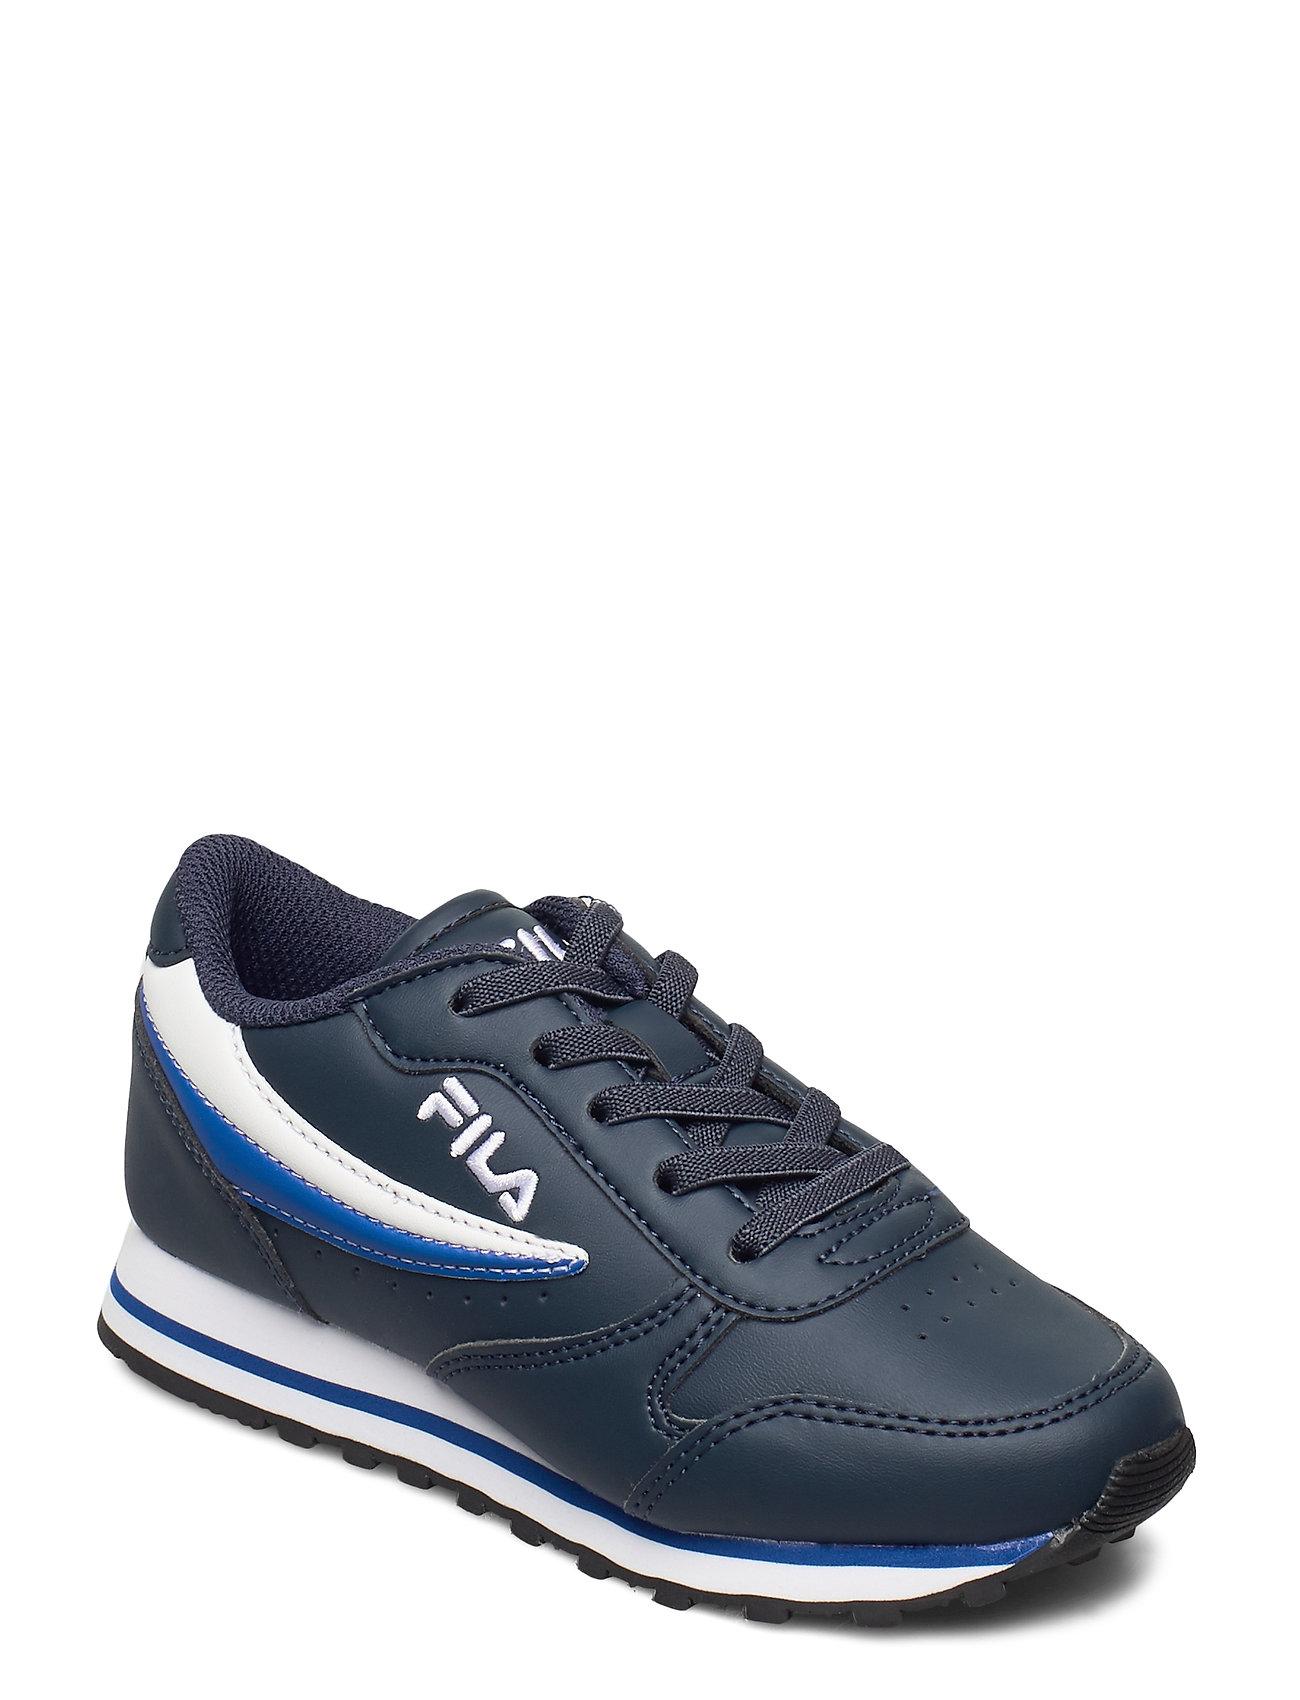 Image of Orbit Low Kids Sneakers Sko Blå FILA (3454944591)